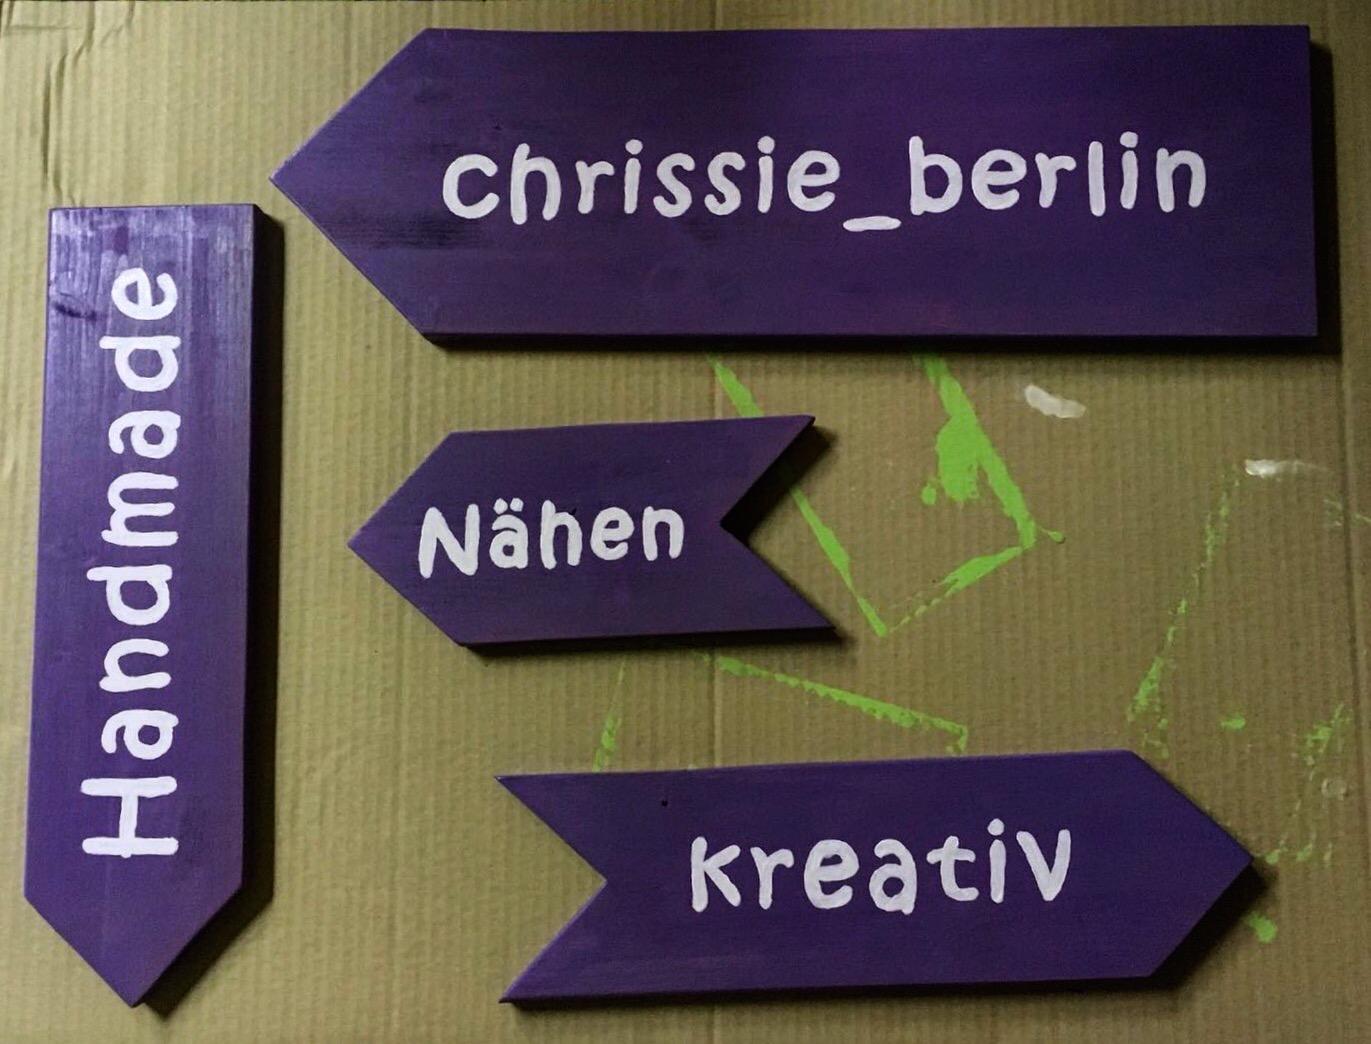 Schilder_Chrissie_Berlin